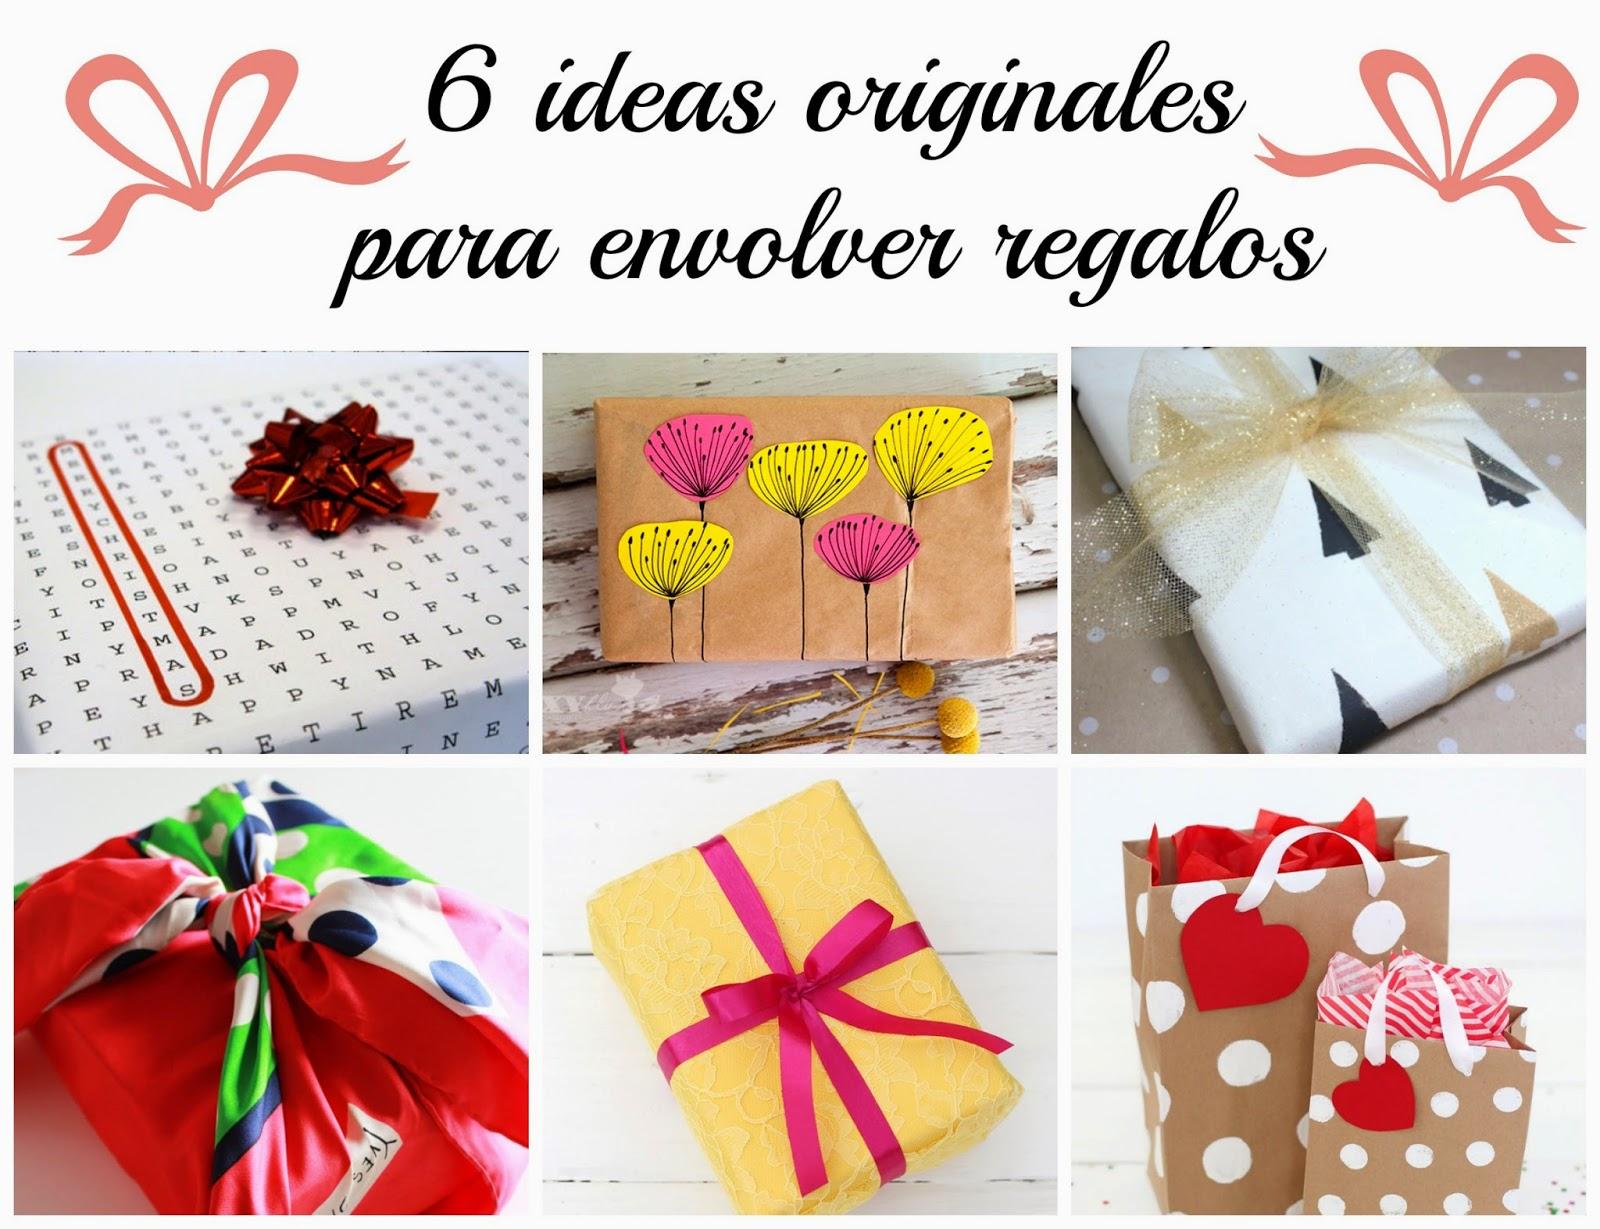 dyi regalos detalles Navidad envoltorios caseros estampados lazos wrap wrapping papel cómo envolver